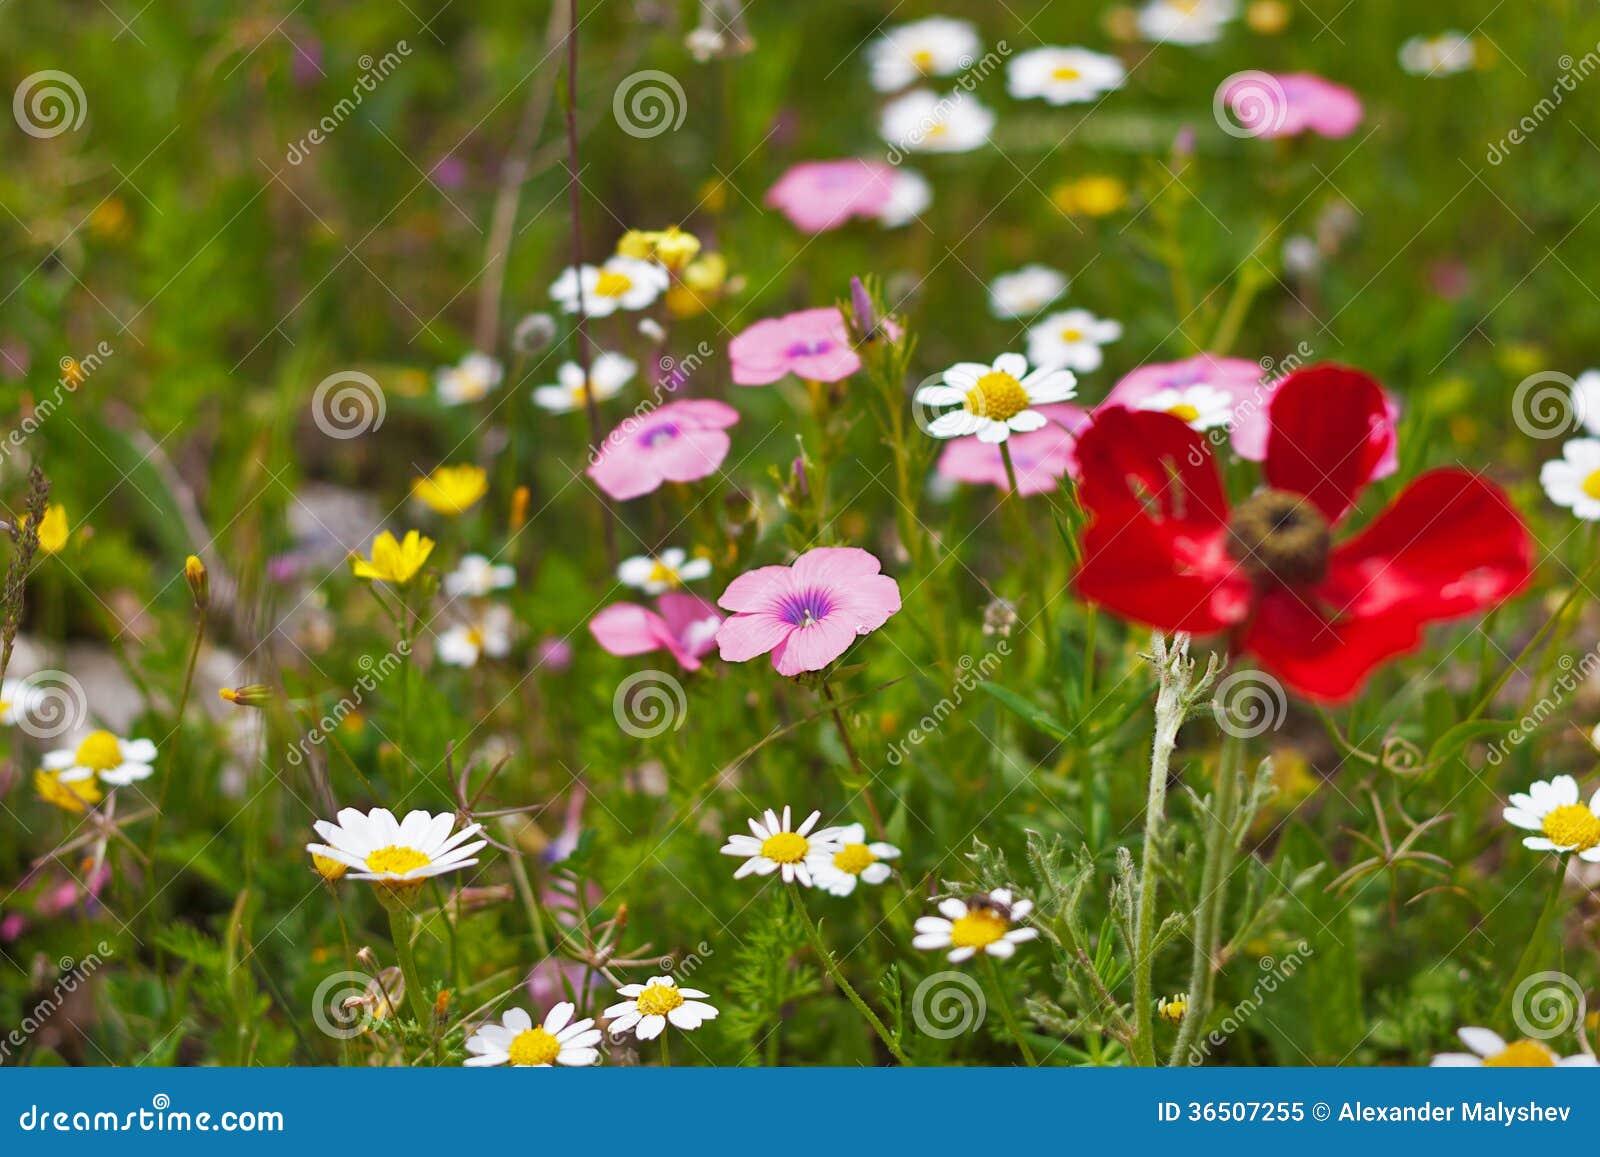 Πολλαπλάσια χρωματισμένα λουλούδια